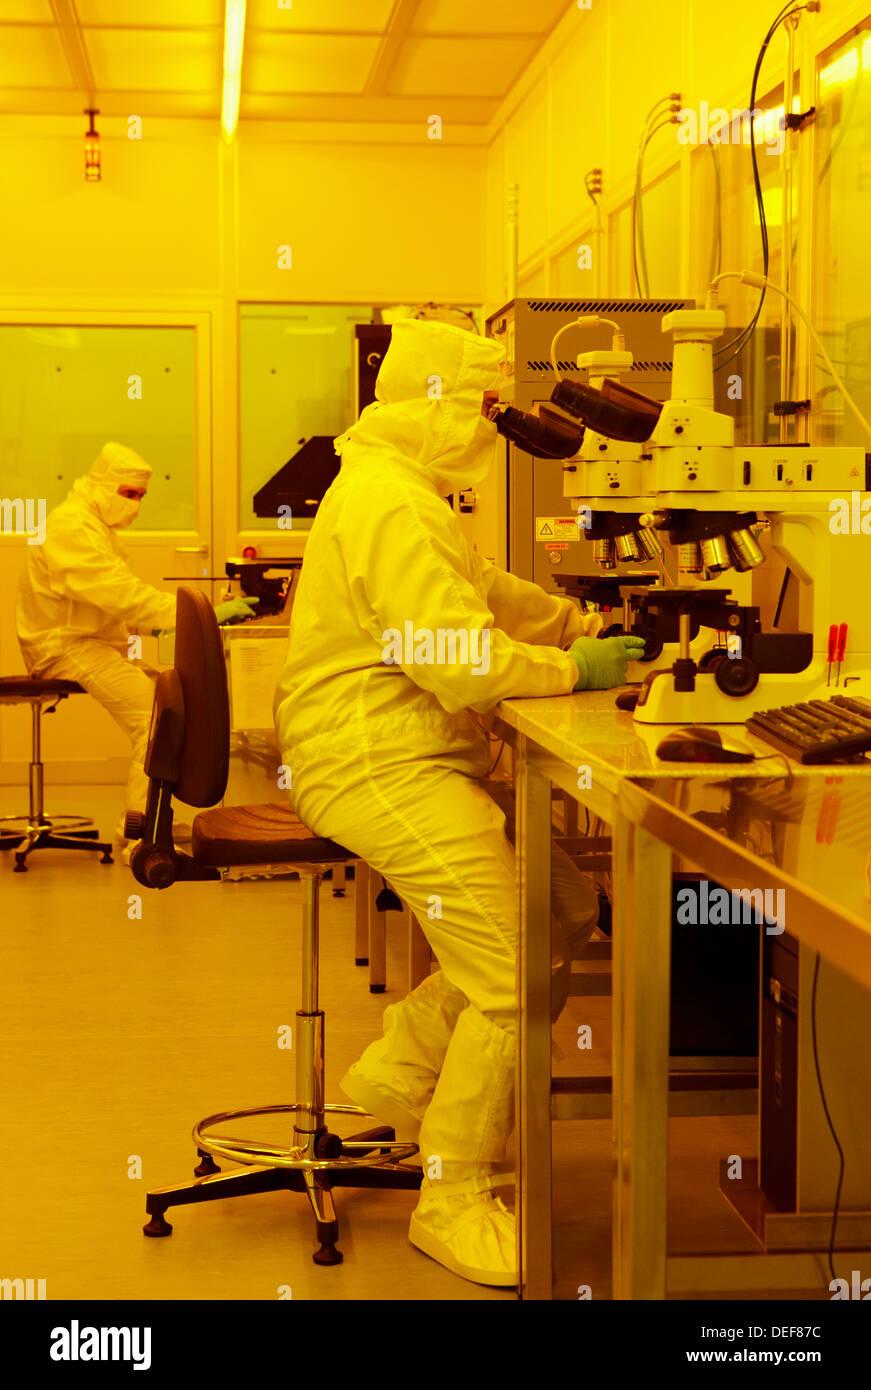 Comprobar el proceso de fotolitografía resultados con un microscopio, habitación limpia, CIC nanoGUNE, investigación cooperativa nanociencia Imagen De Stock